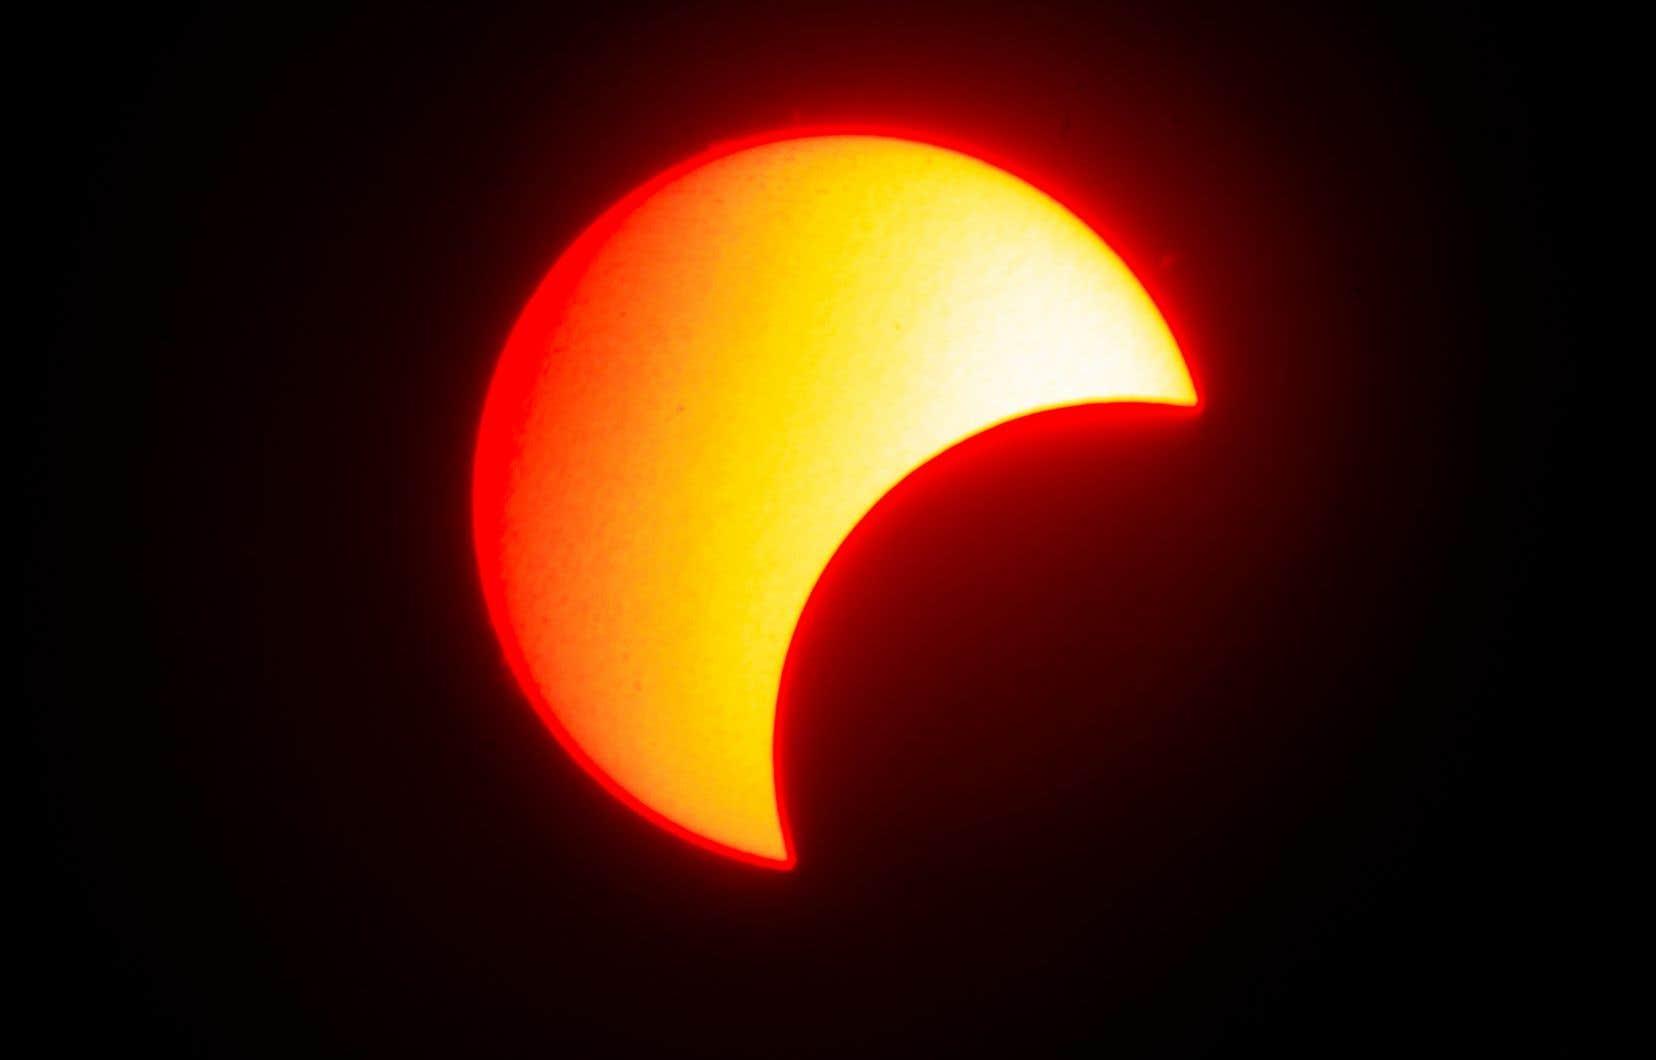 Les éclipses annulaire du Soleil ne se produisent que tous les un ou deux ans et ne sont visibles que d'une bande de terre étroite.